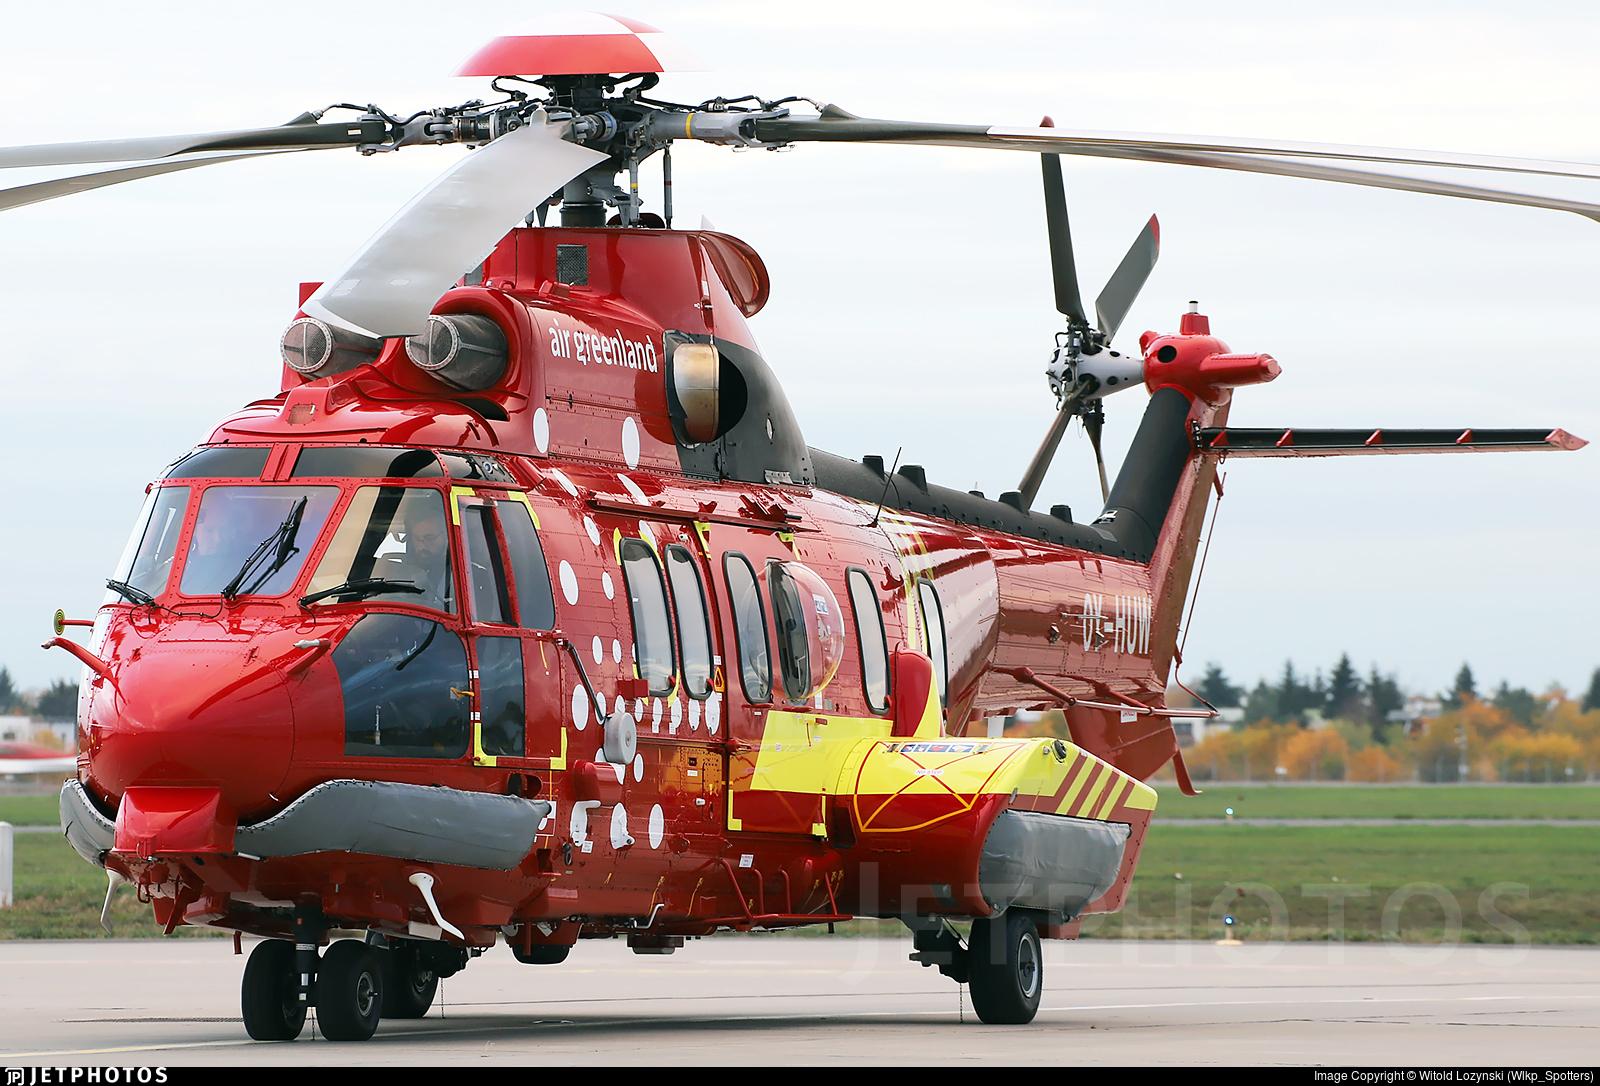 OY-HUW - Eurocopter EC 225LP Super Puma II+ - Air Greenland